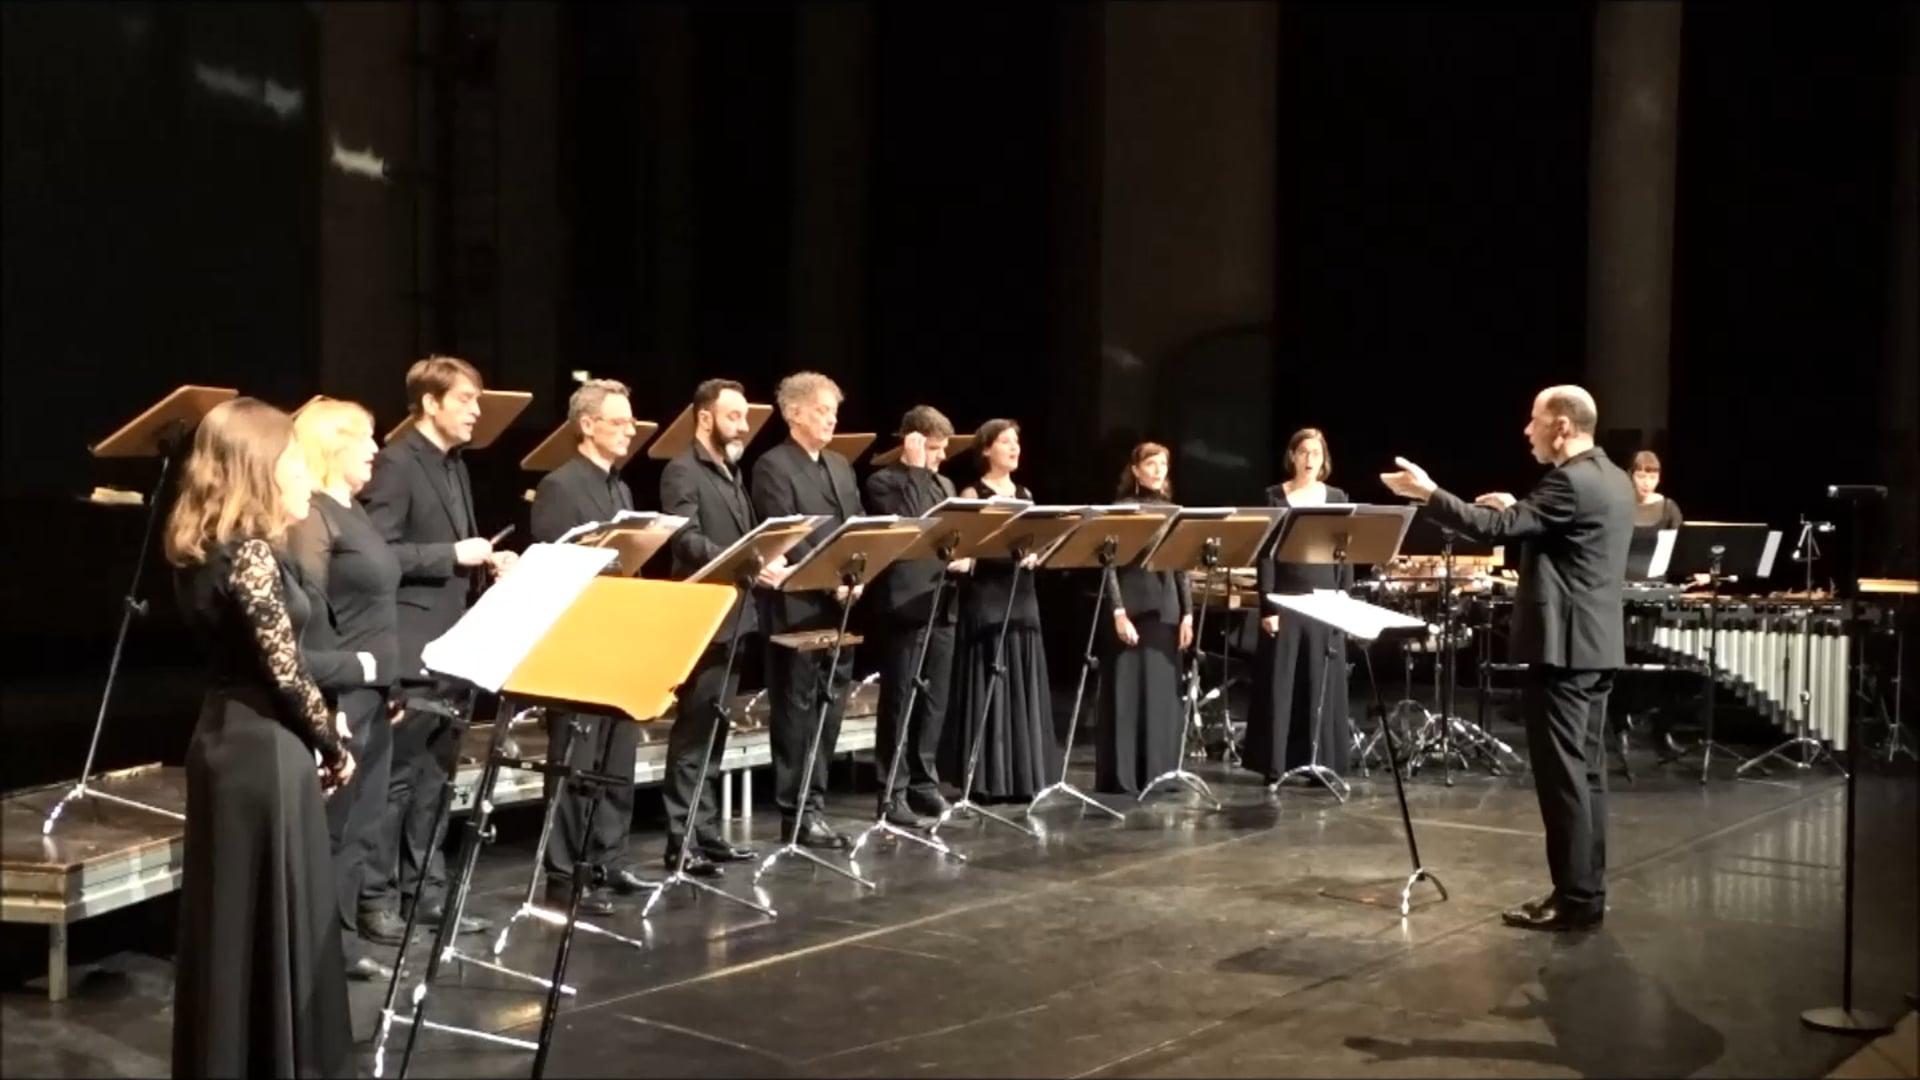 Chor@Berlin 2019: Vocalconsort Berlin (Frank Schwemmer)